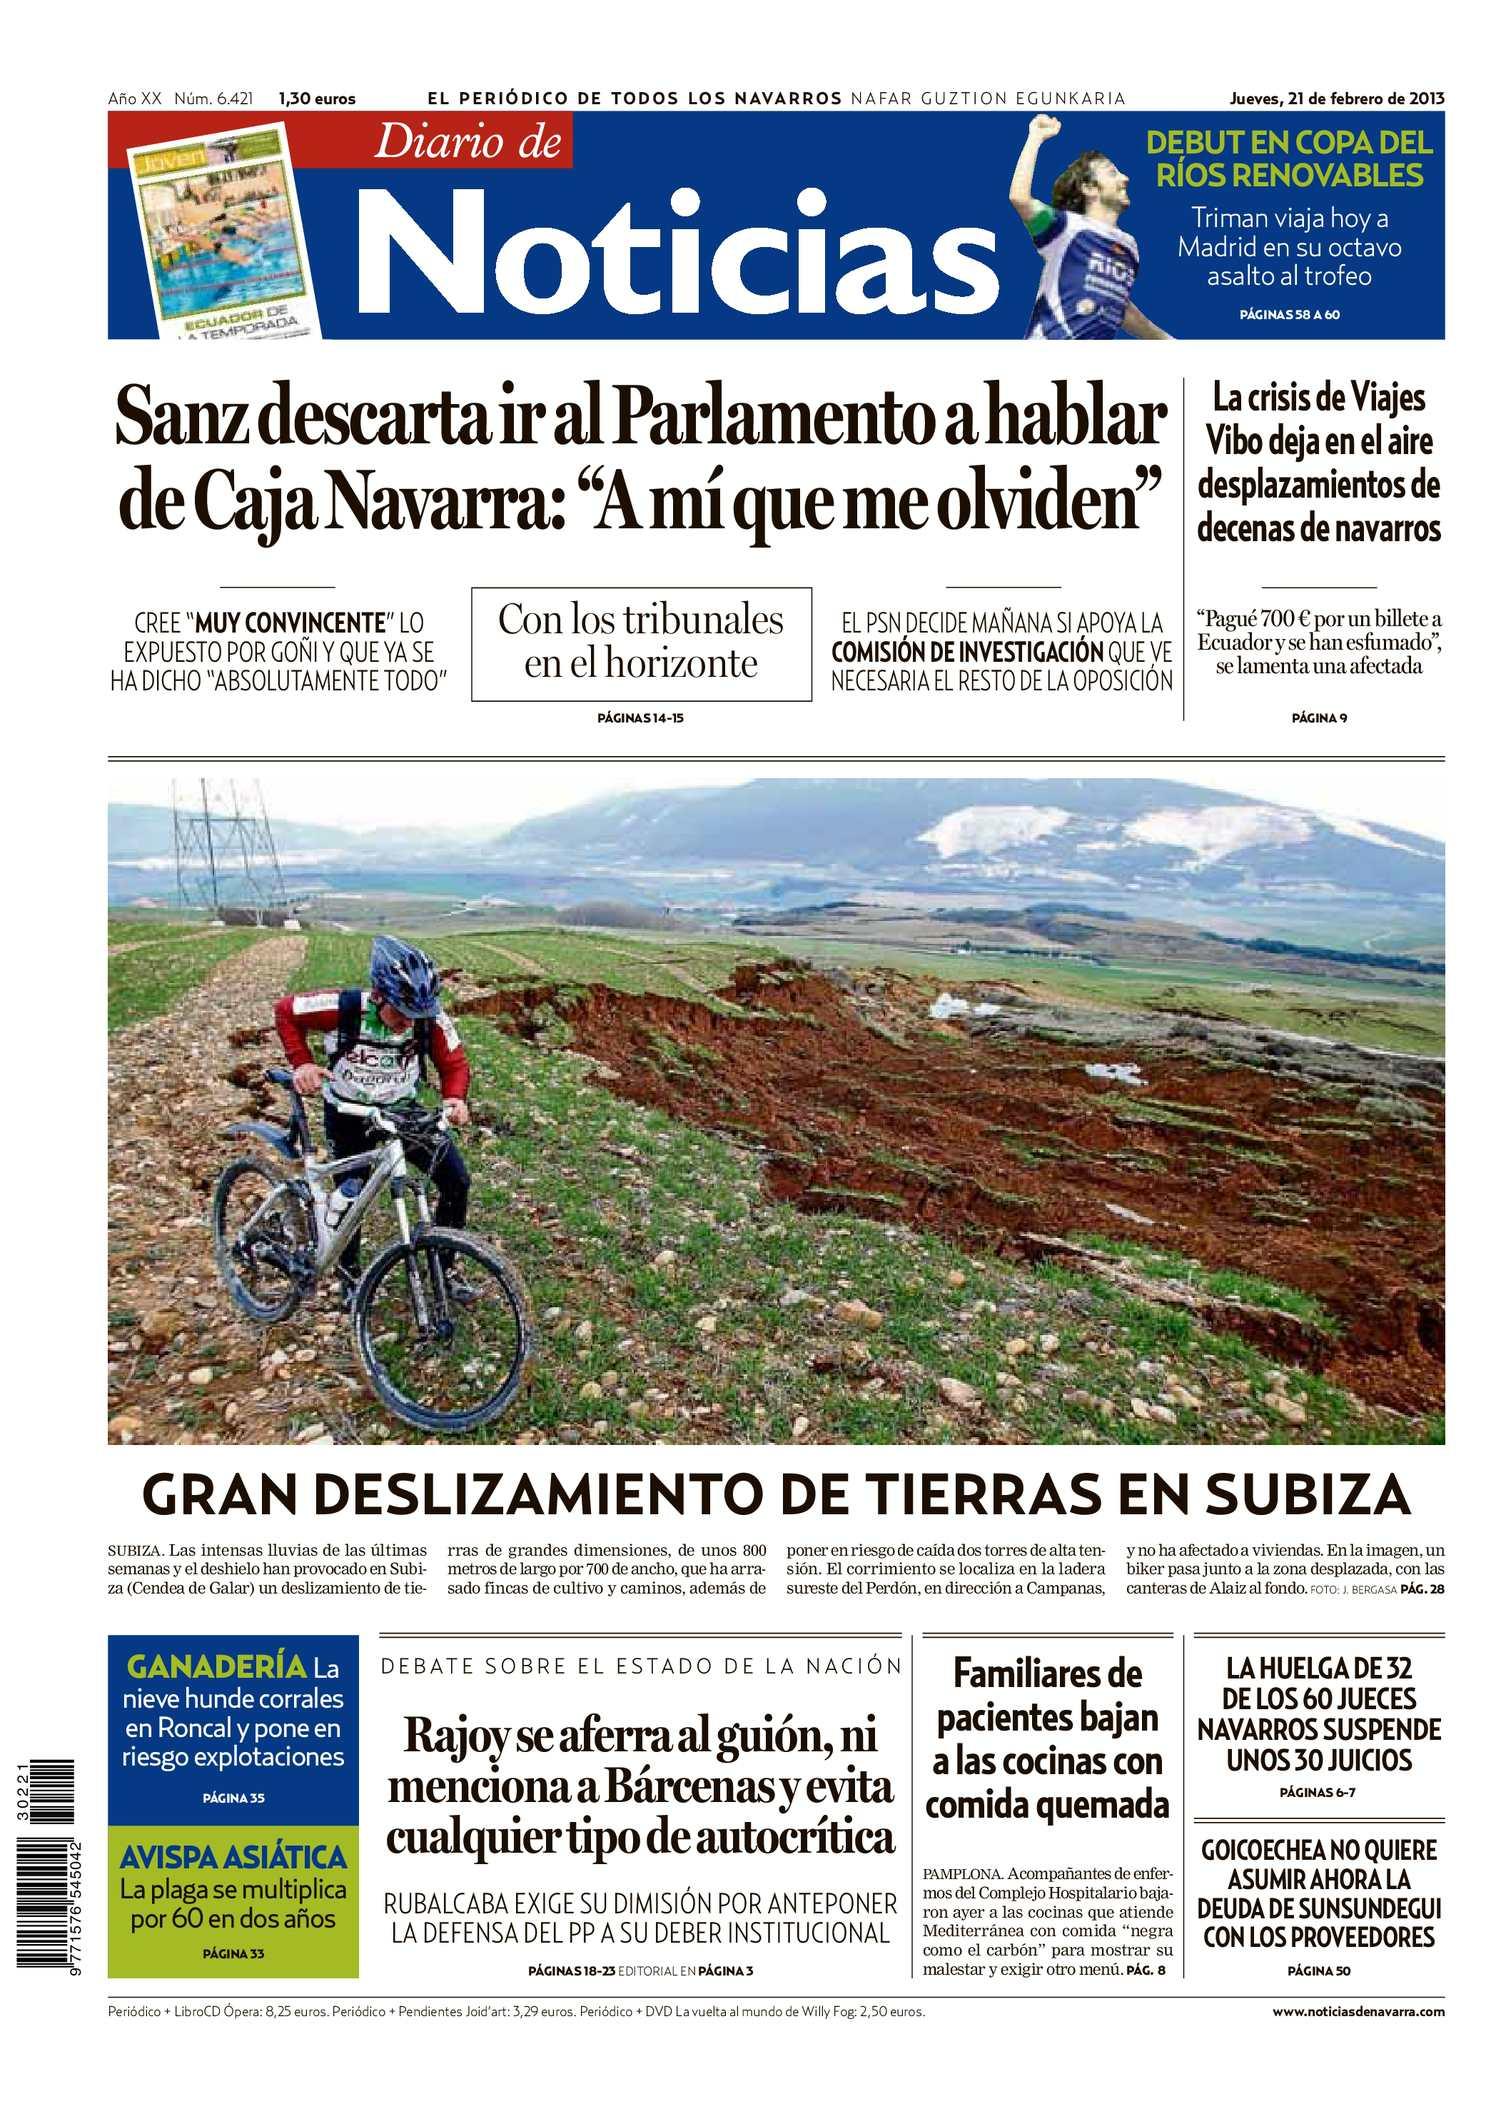 Calaméo - Diario de Noticias 20130221